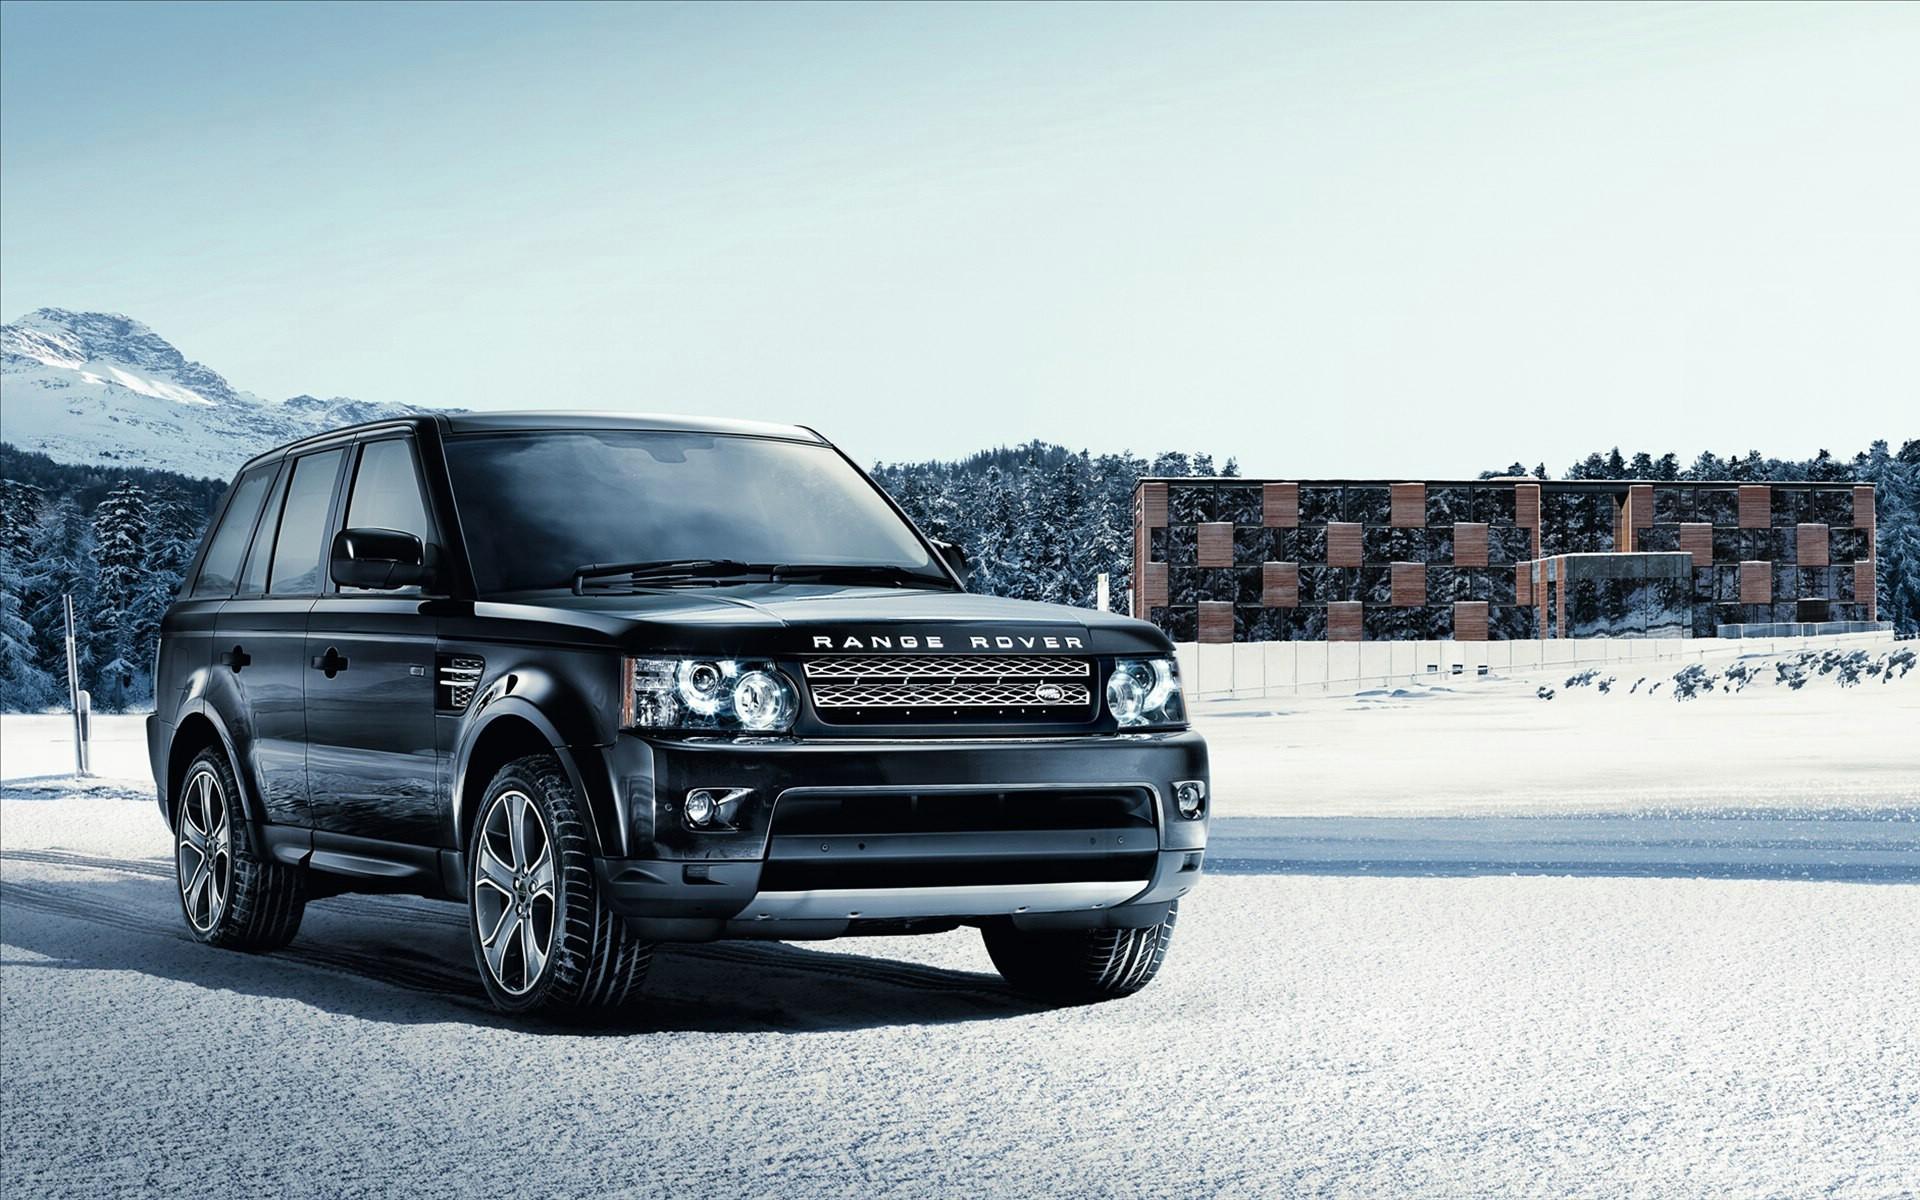 Range Rover Wallpaper ①